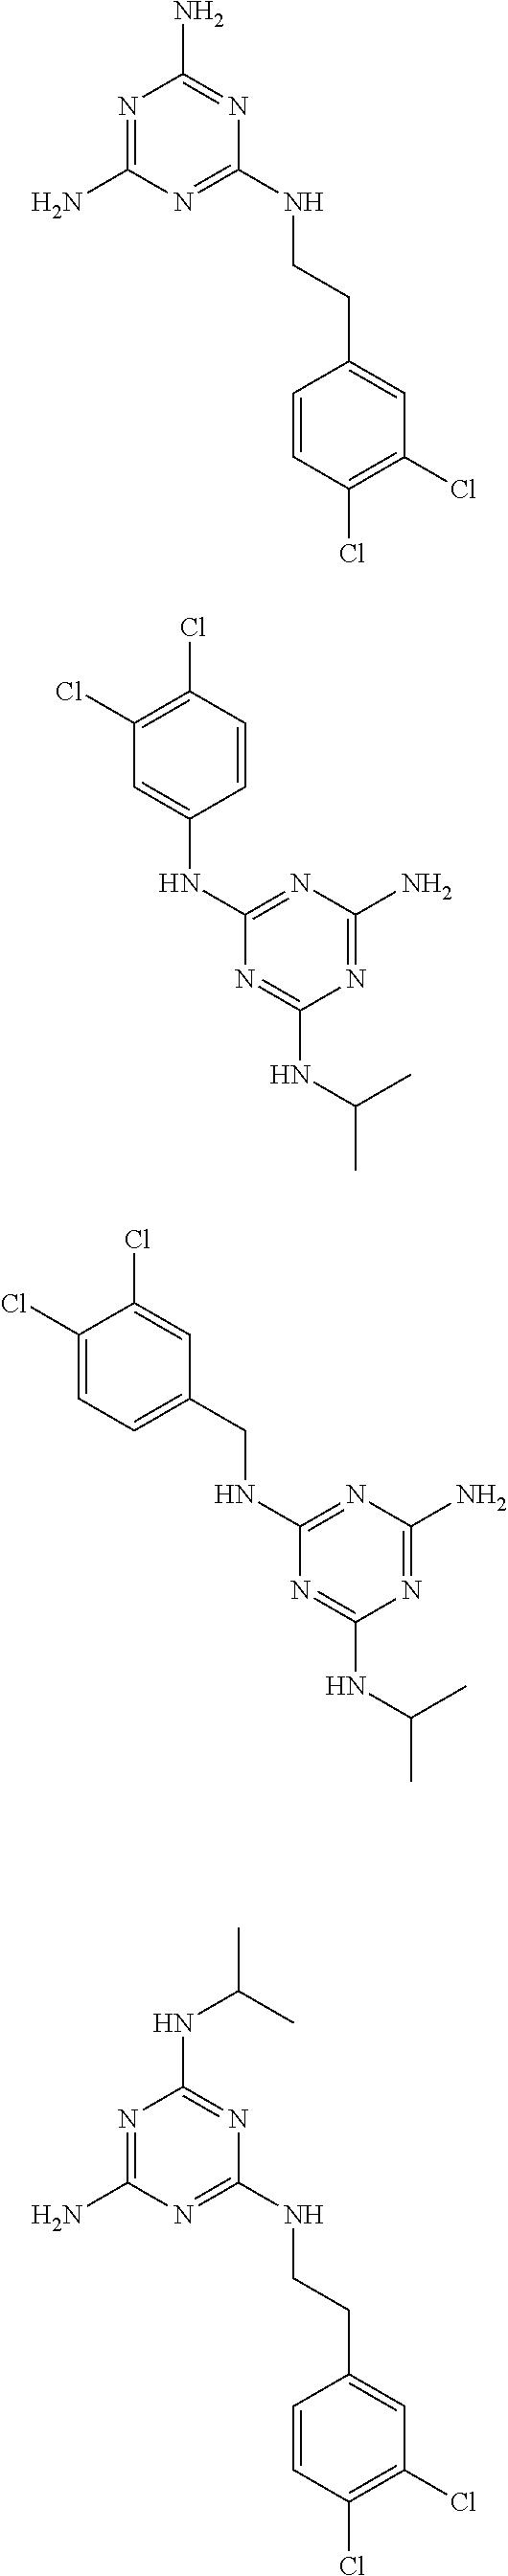 Figure US09480663-20161101-C00153